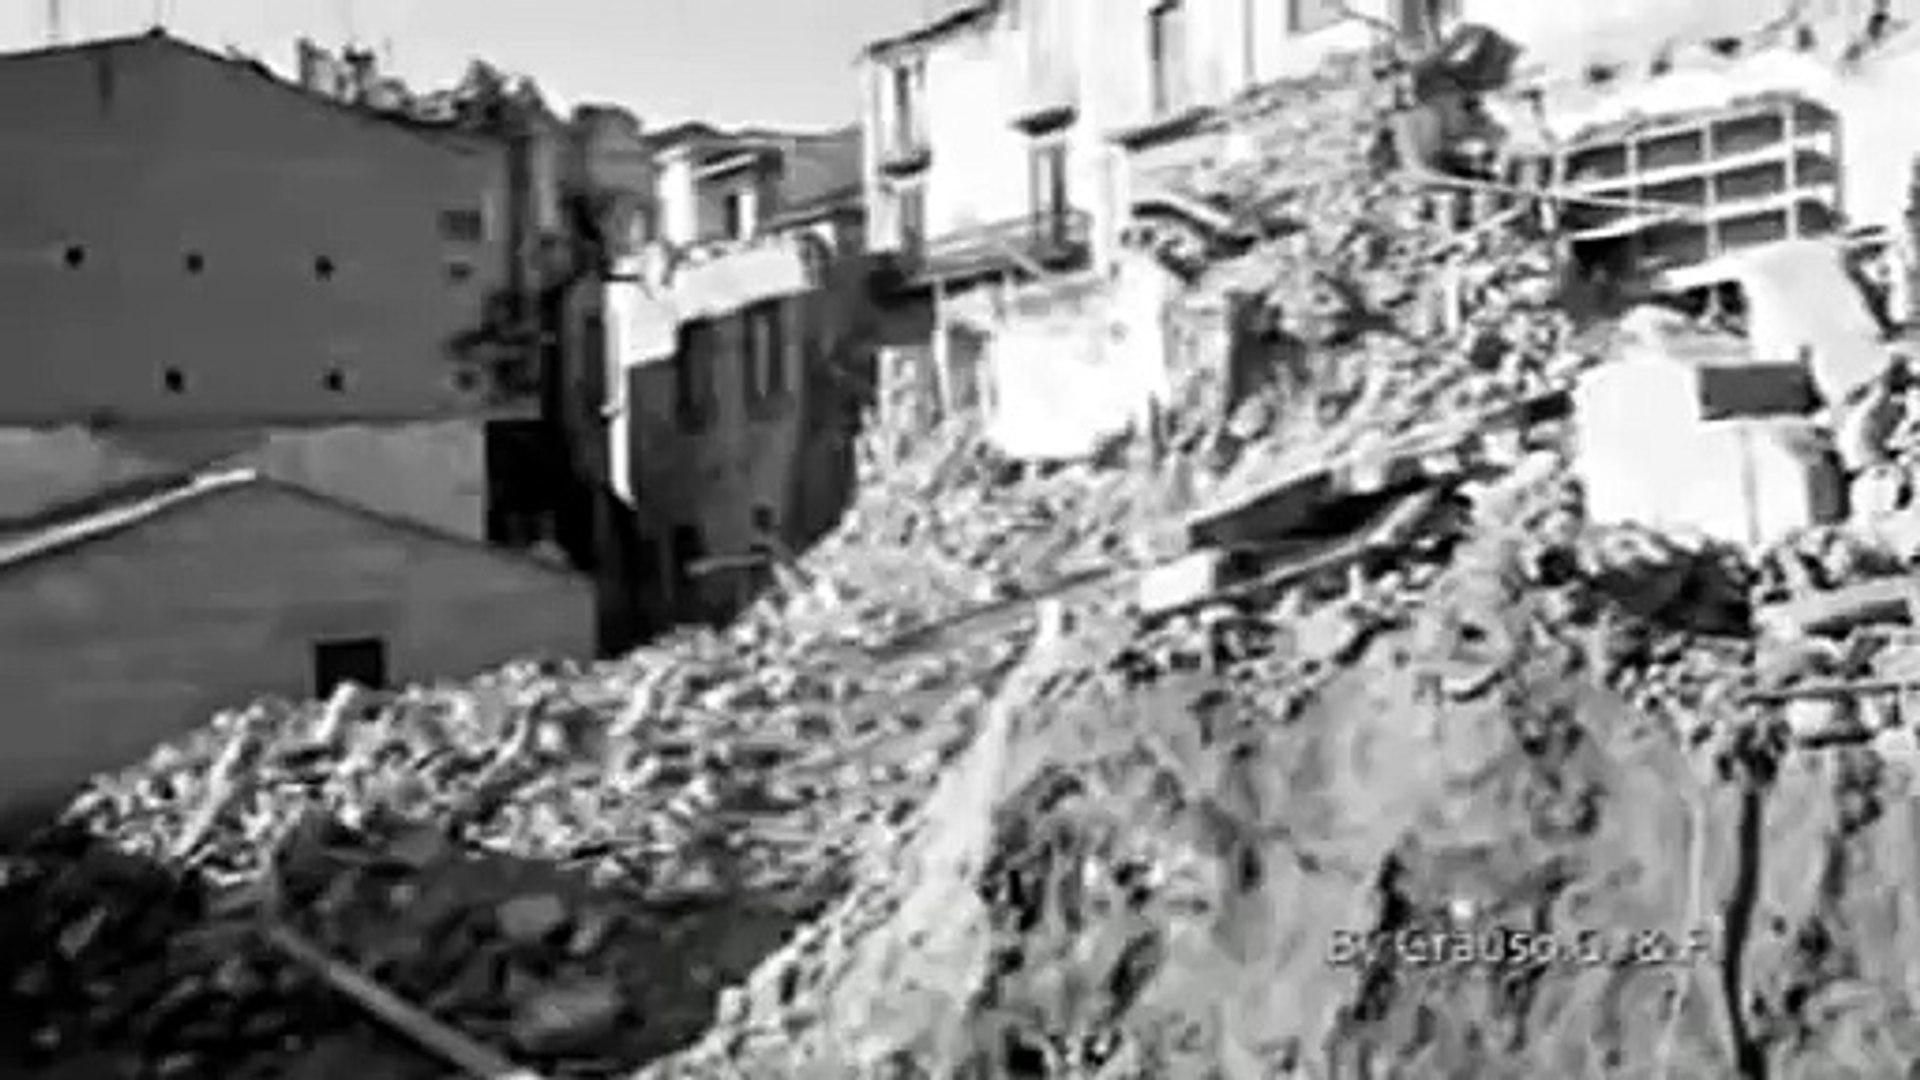 Terremoto Irpinia 1980 - video dailymotion